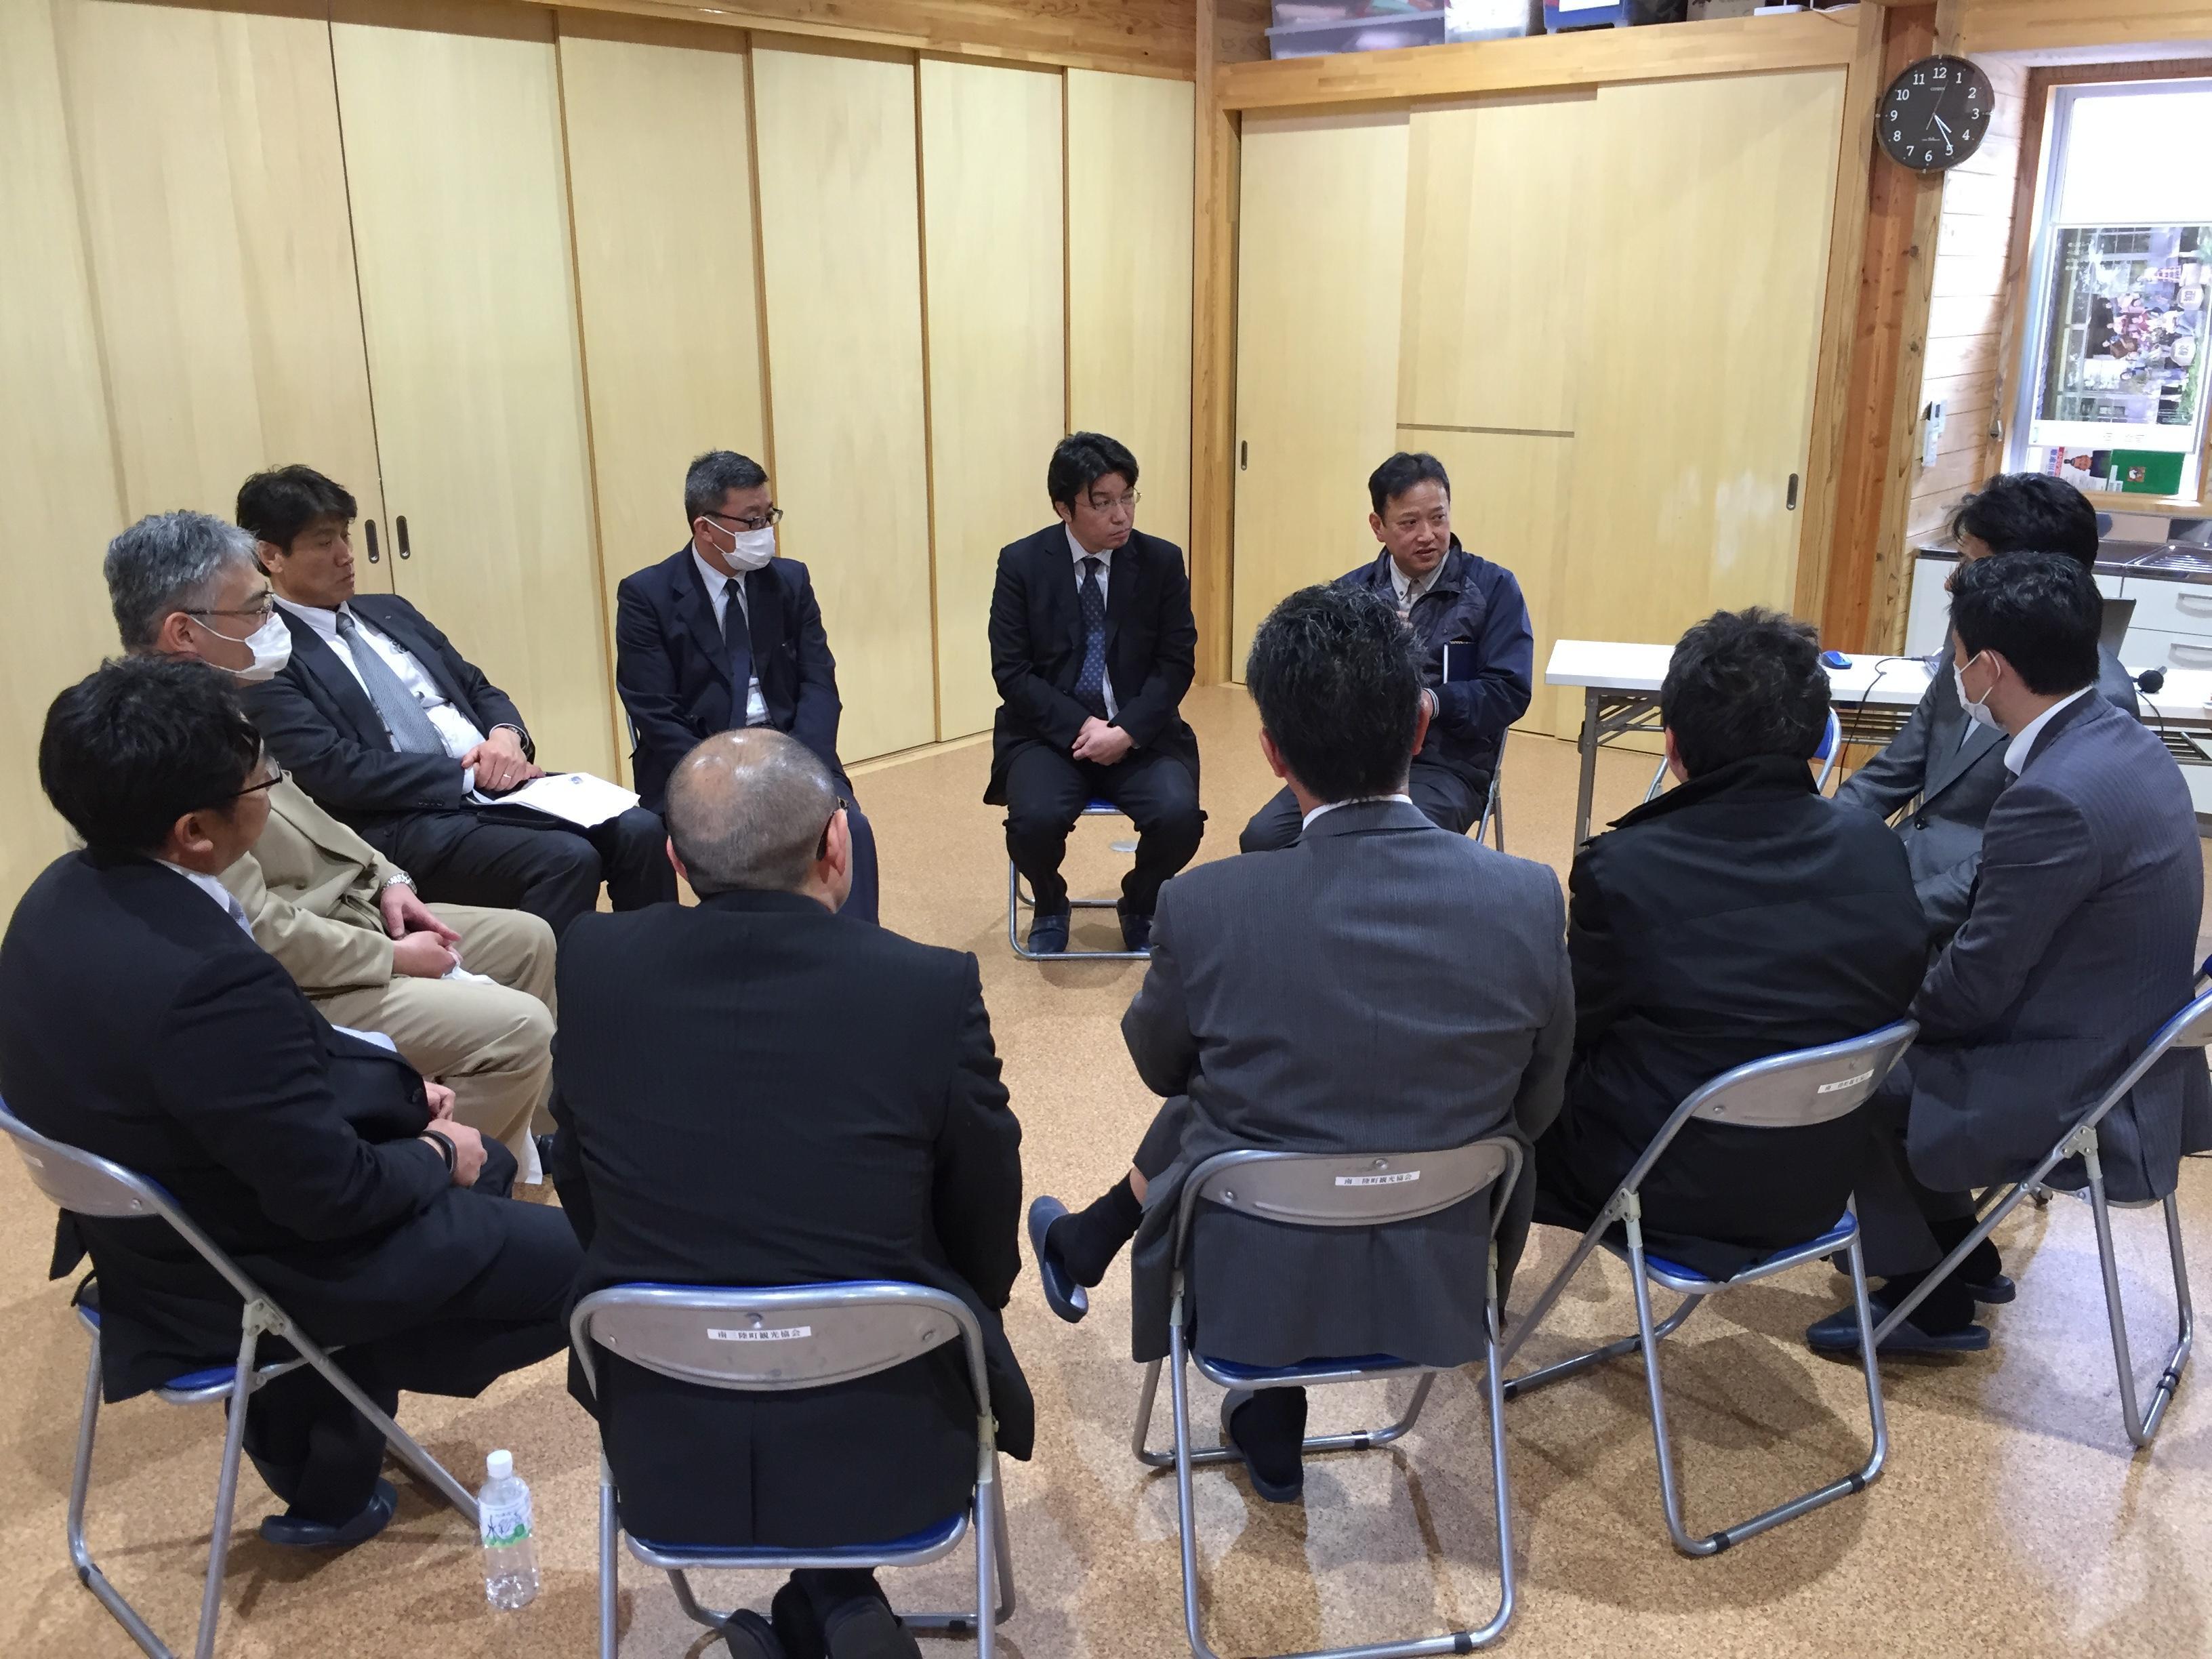 座談会の模様です。右奥にいるのが株式会社マルセン食品代表三浦洋昭様です。